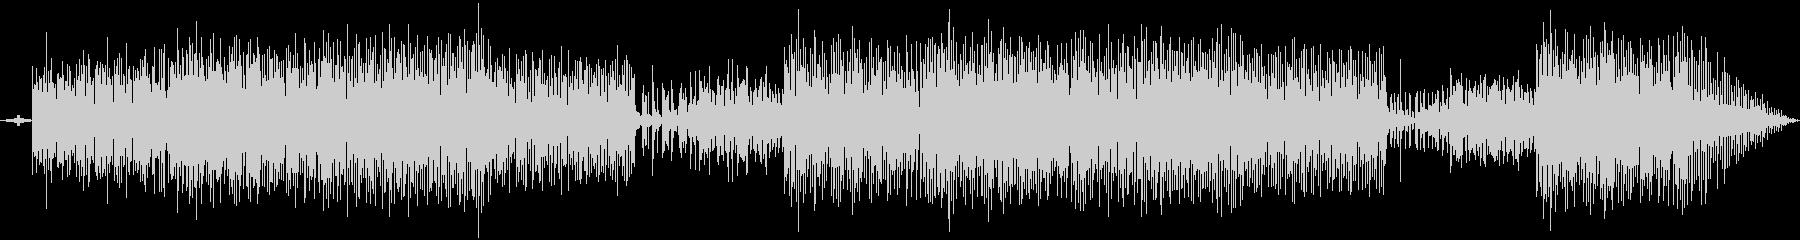 ほのぼのしたシンセ音楽の未再生の波形